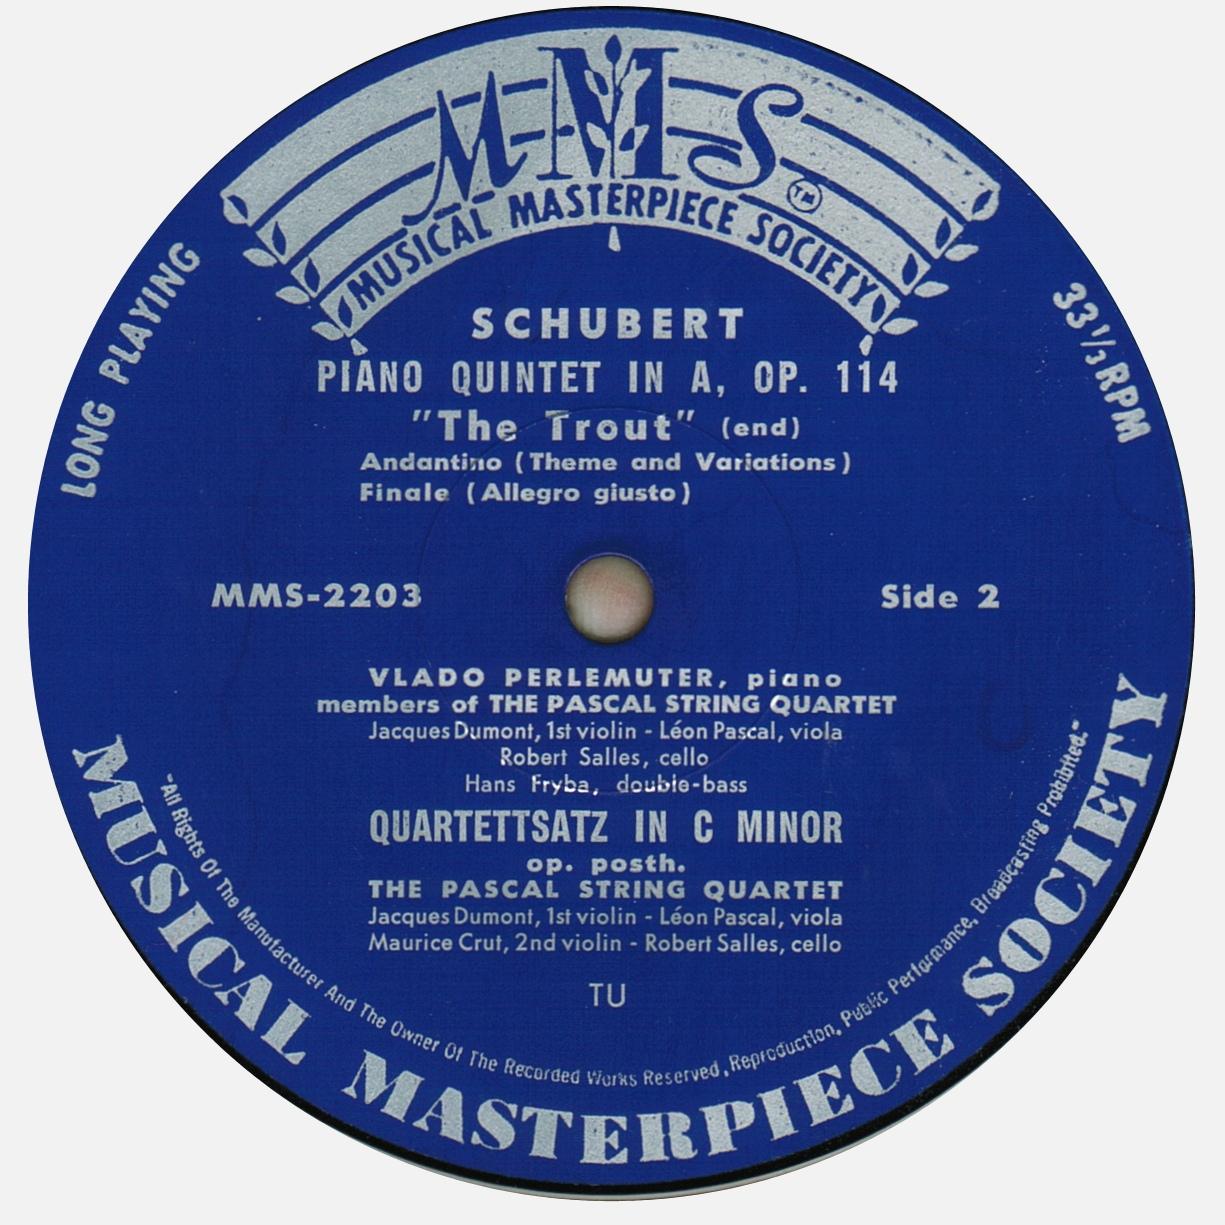 Étiquette verso du disque MMS-2003 de la Musical Masterpiece Society, gravé et pressé chez Turicaphon (http://www.turicaphon.ch/), Cliquer sur la photo pour une vue agrandie et quelques infos